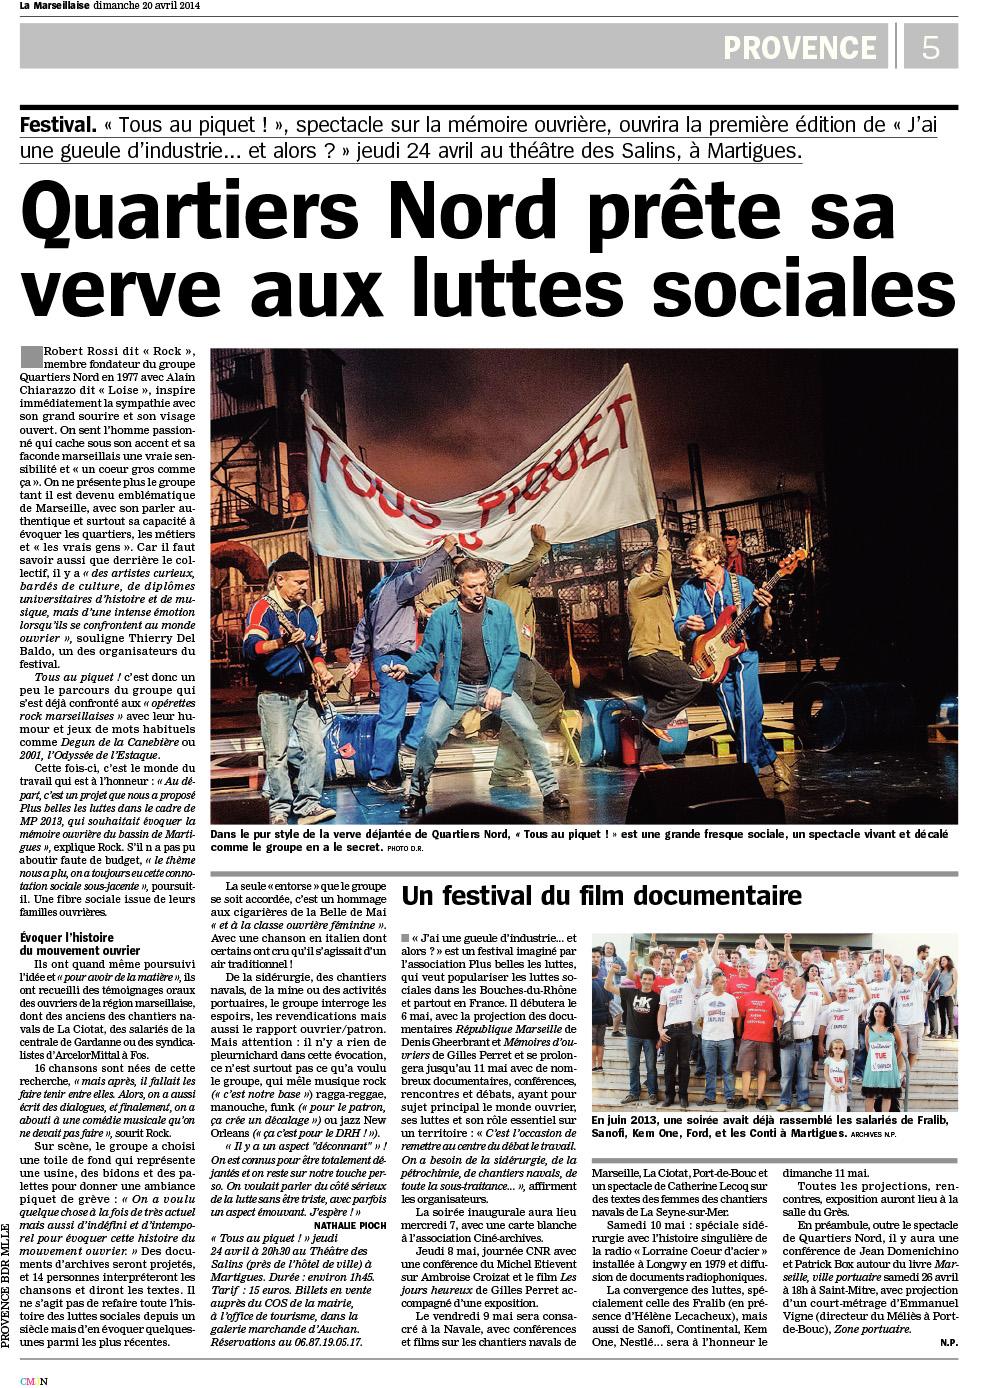 Quartiers Nord, spectacle Tous au piquet ! Presse, La Marseillaise 20 avril 2014